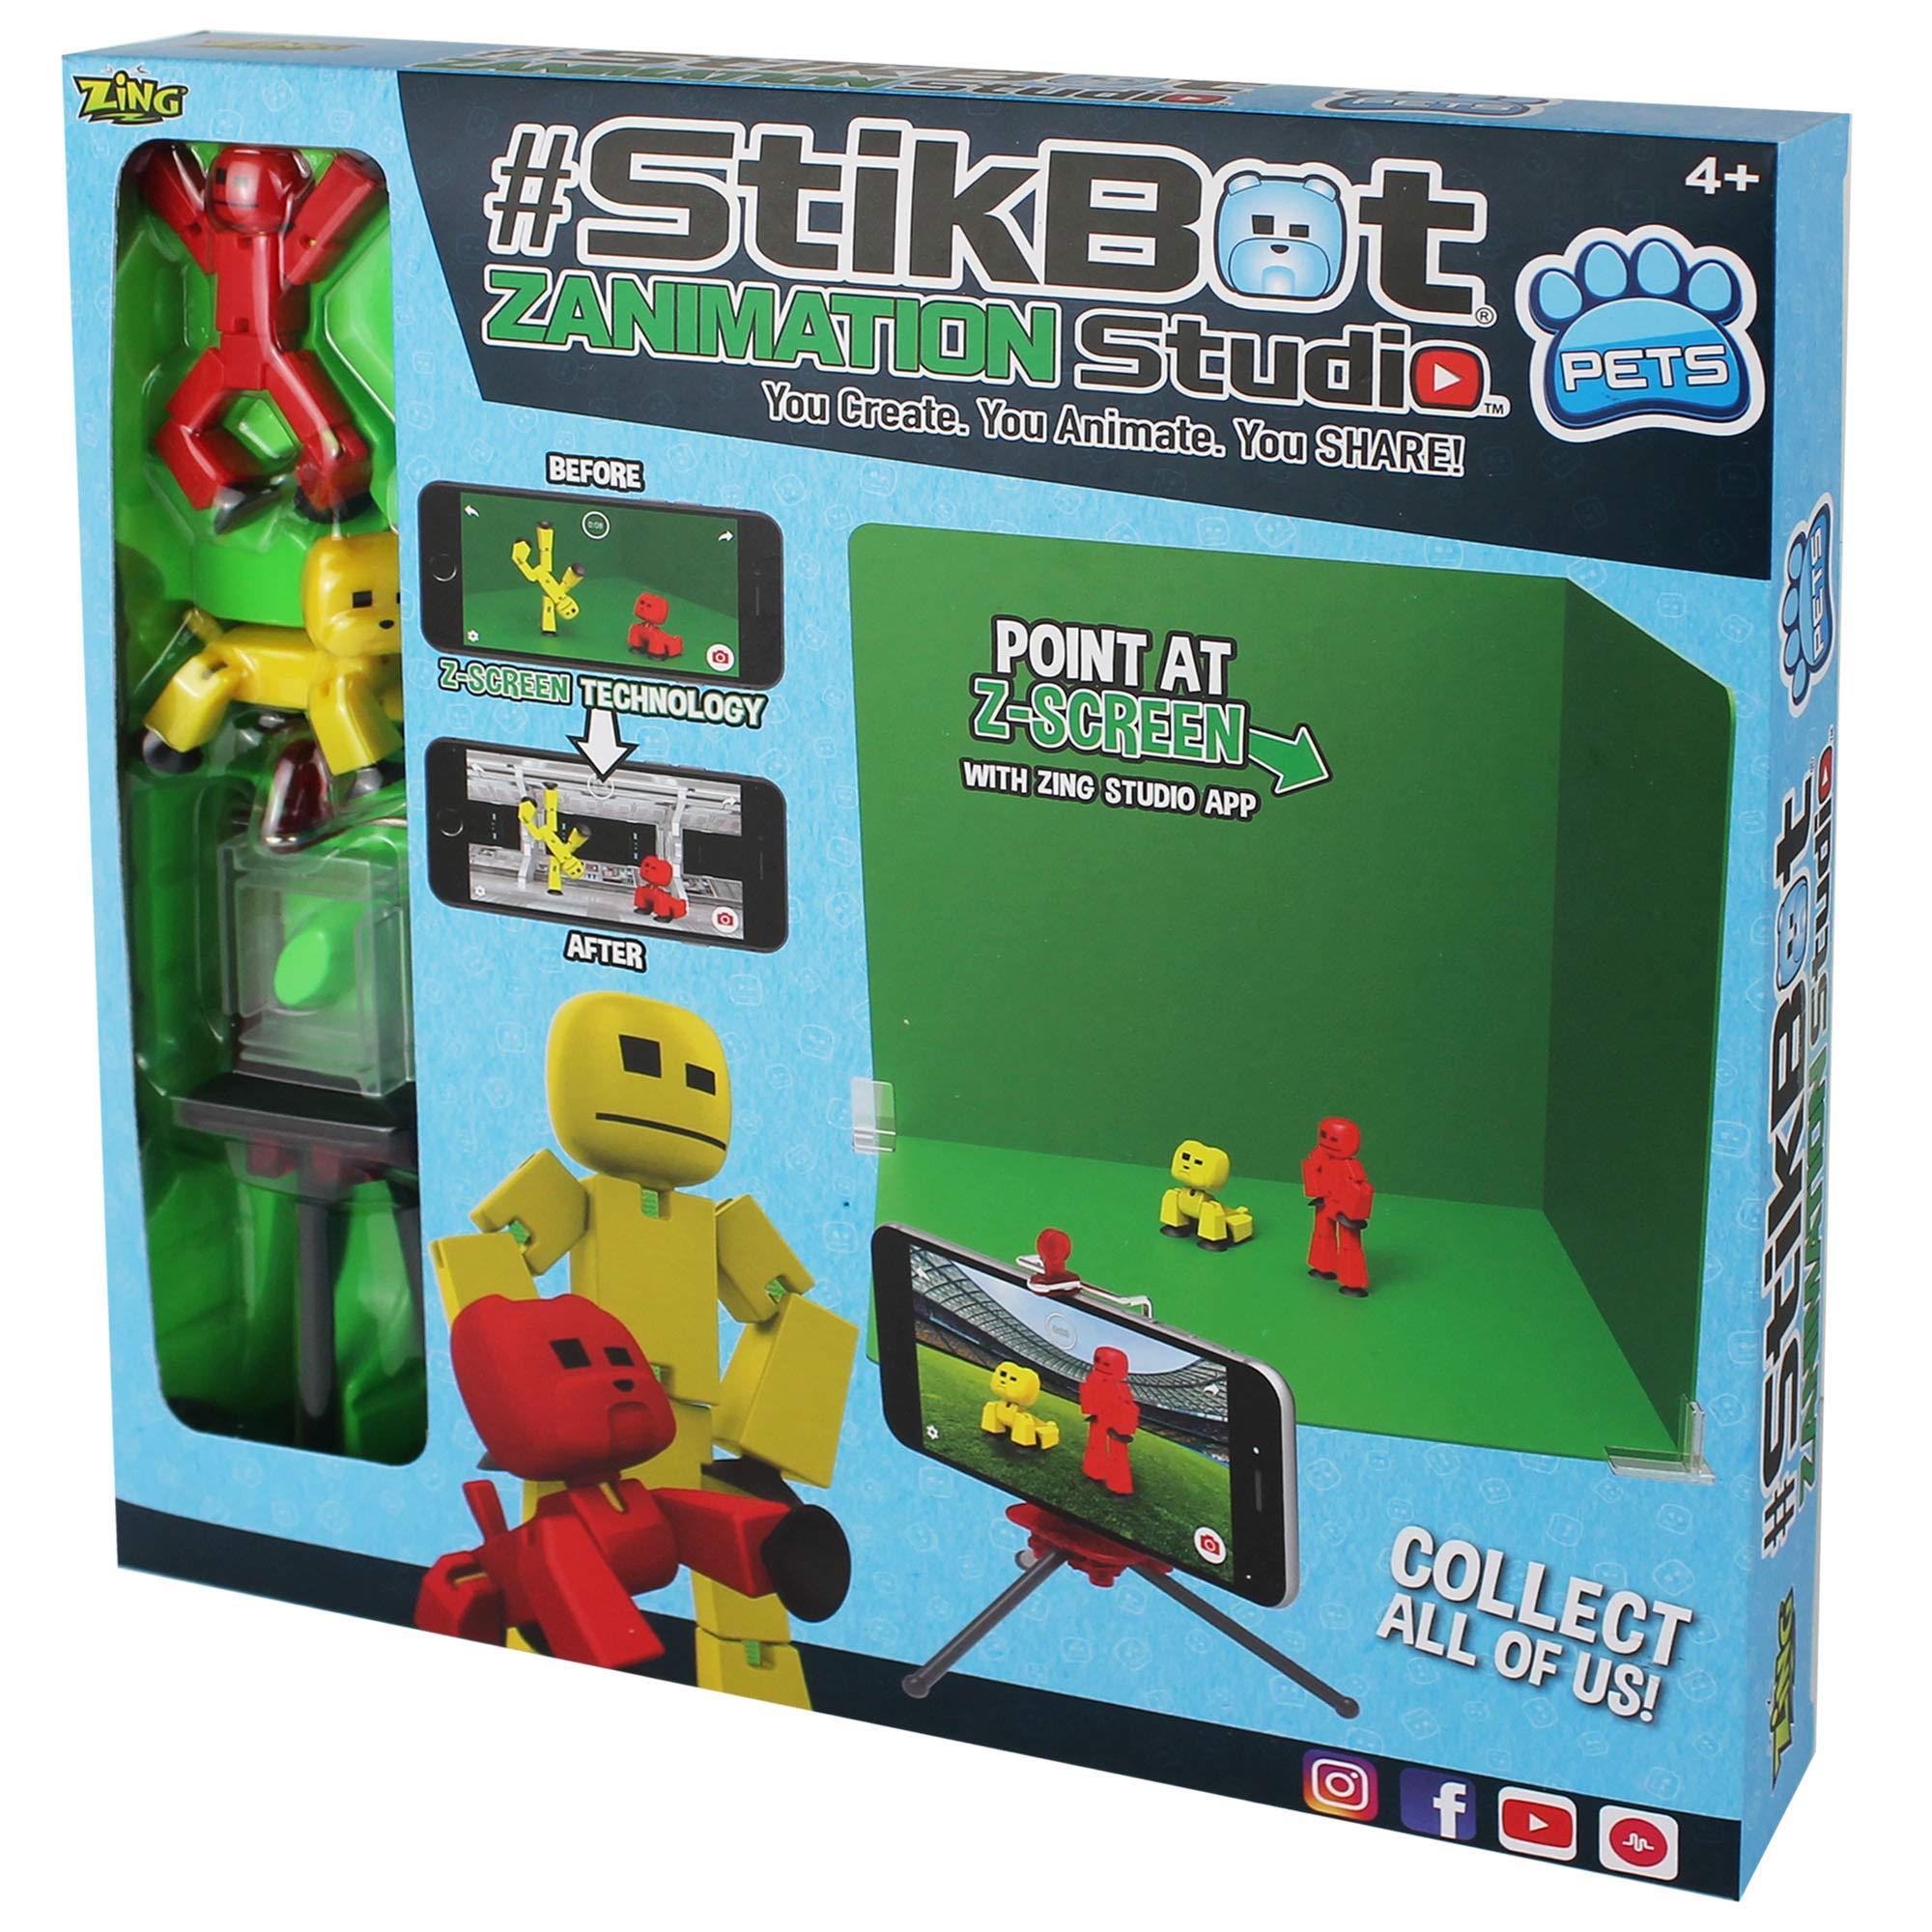 Zing stikbot zanimation Studio Pro Animazione giocattolo figura-creazione anima condividere